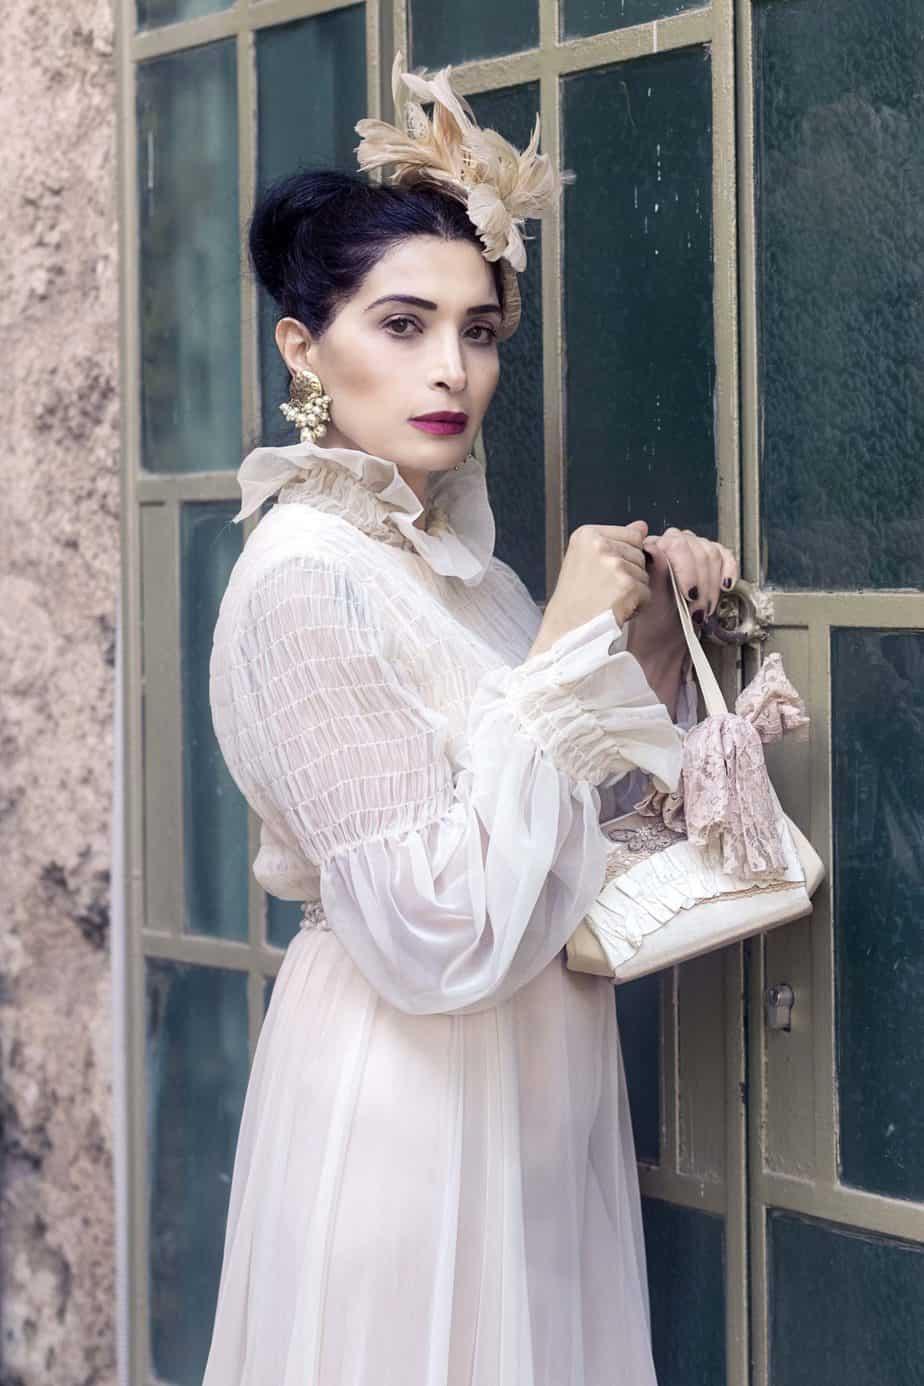 כובע Elizabeth Taylor, עגילים Dior תיק grace kelly. . מאיה אושרי כהן, צילום: Gennadiy Tsodik, אופנה במנהרת הזמן, לוני ויטג׳ -